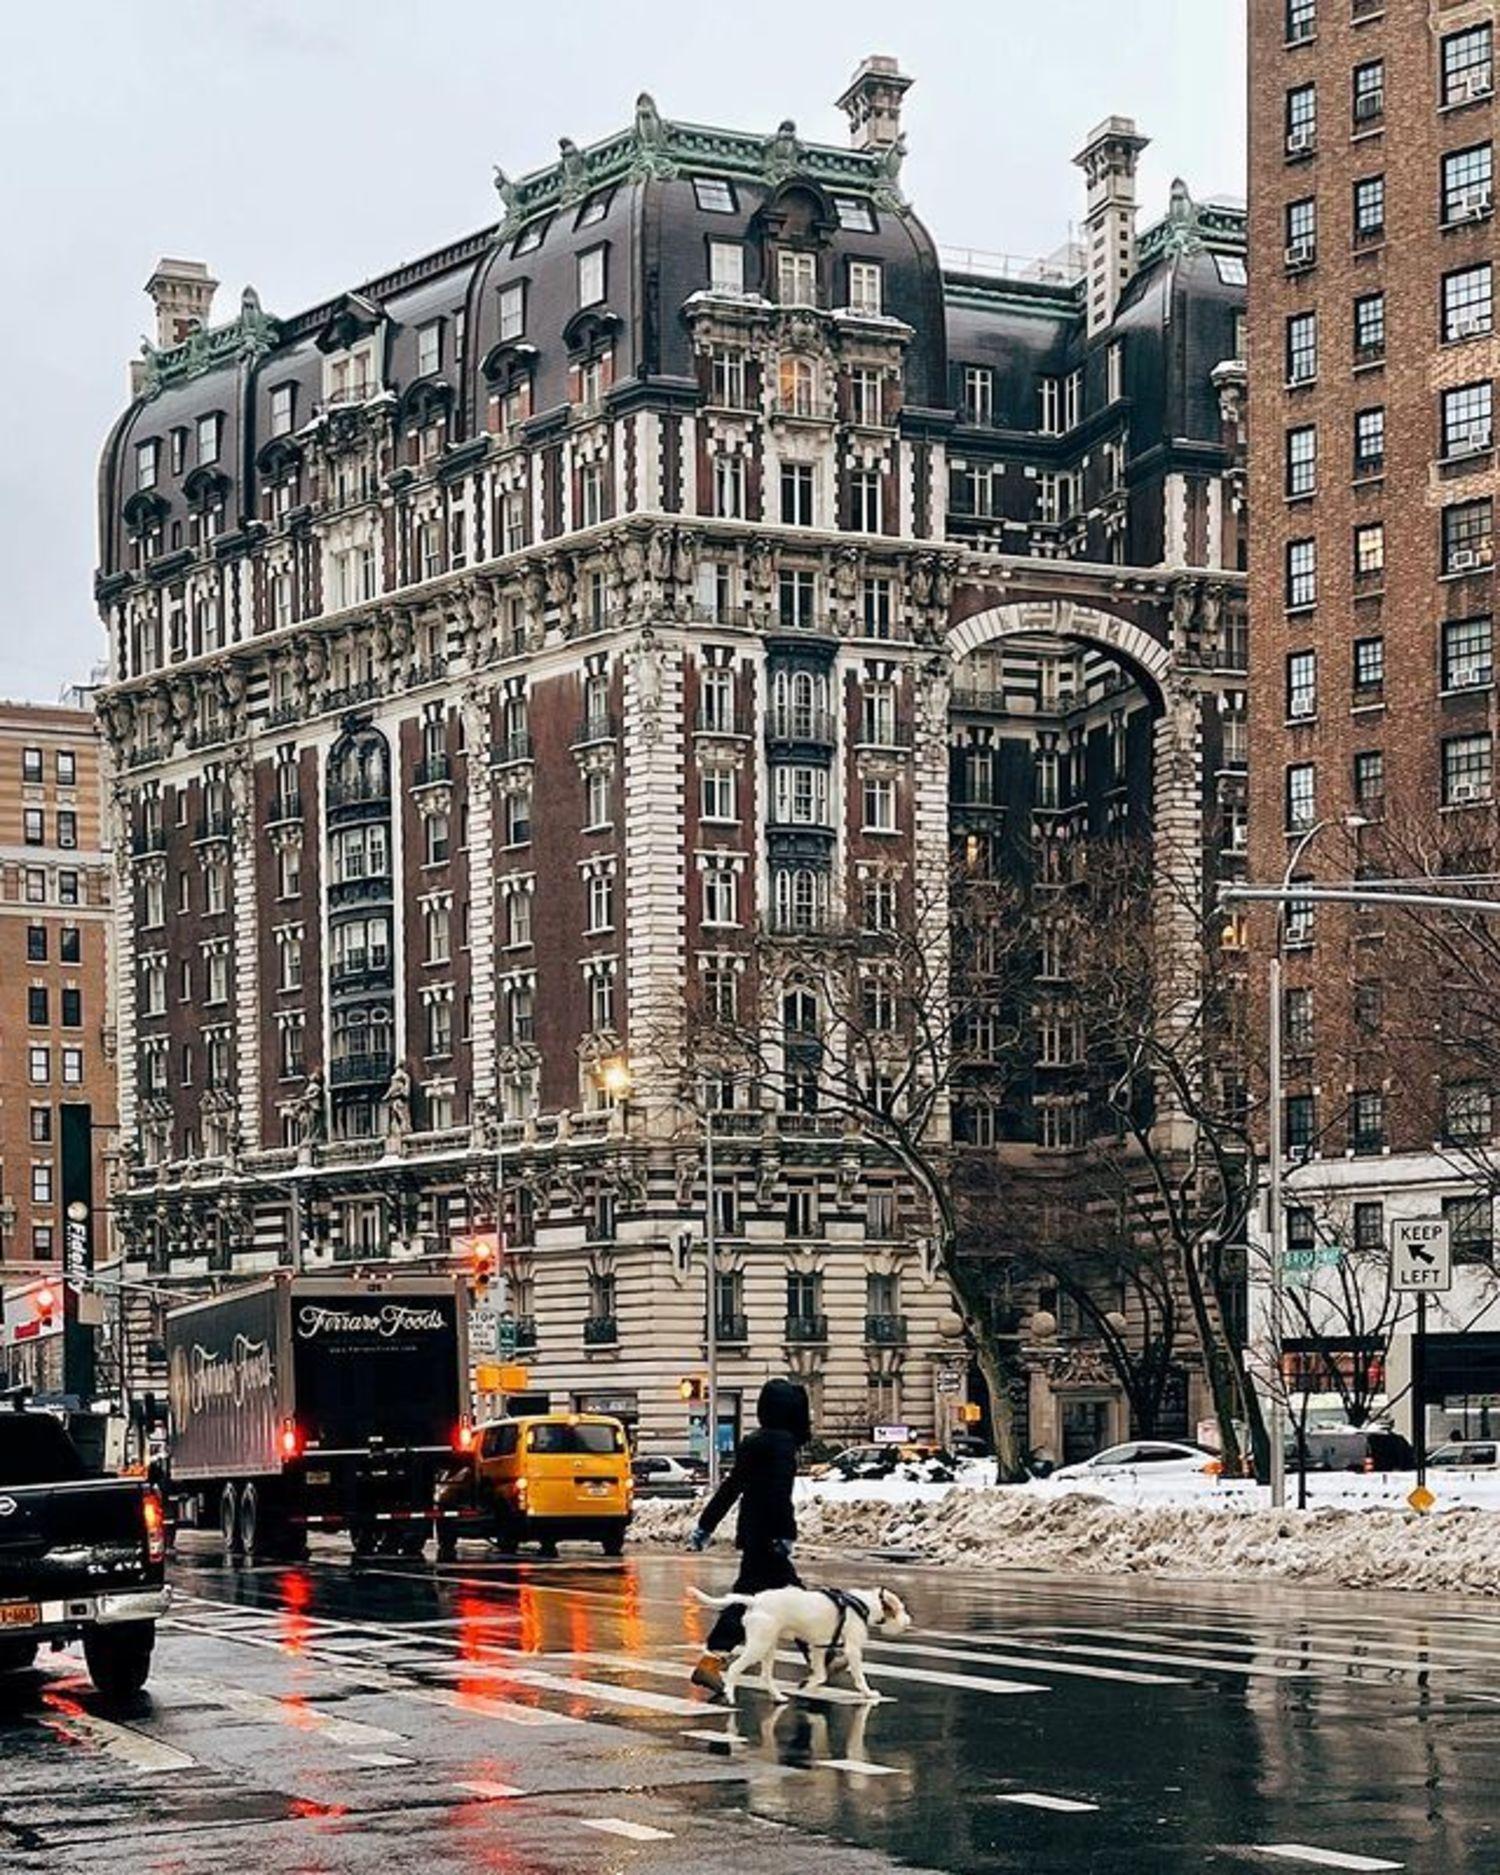 The Dorilton, Lincoln Square, Manhattan